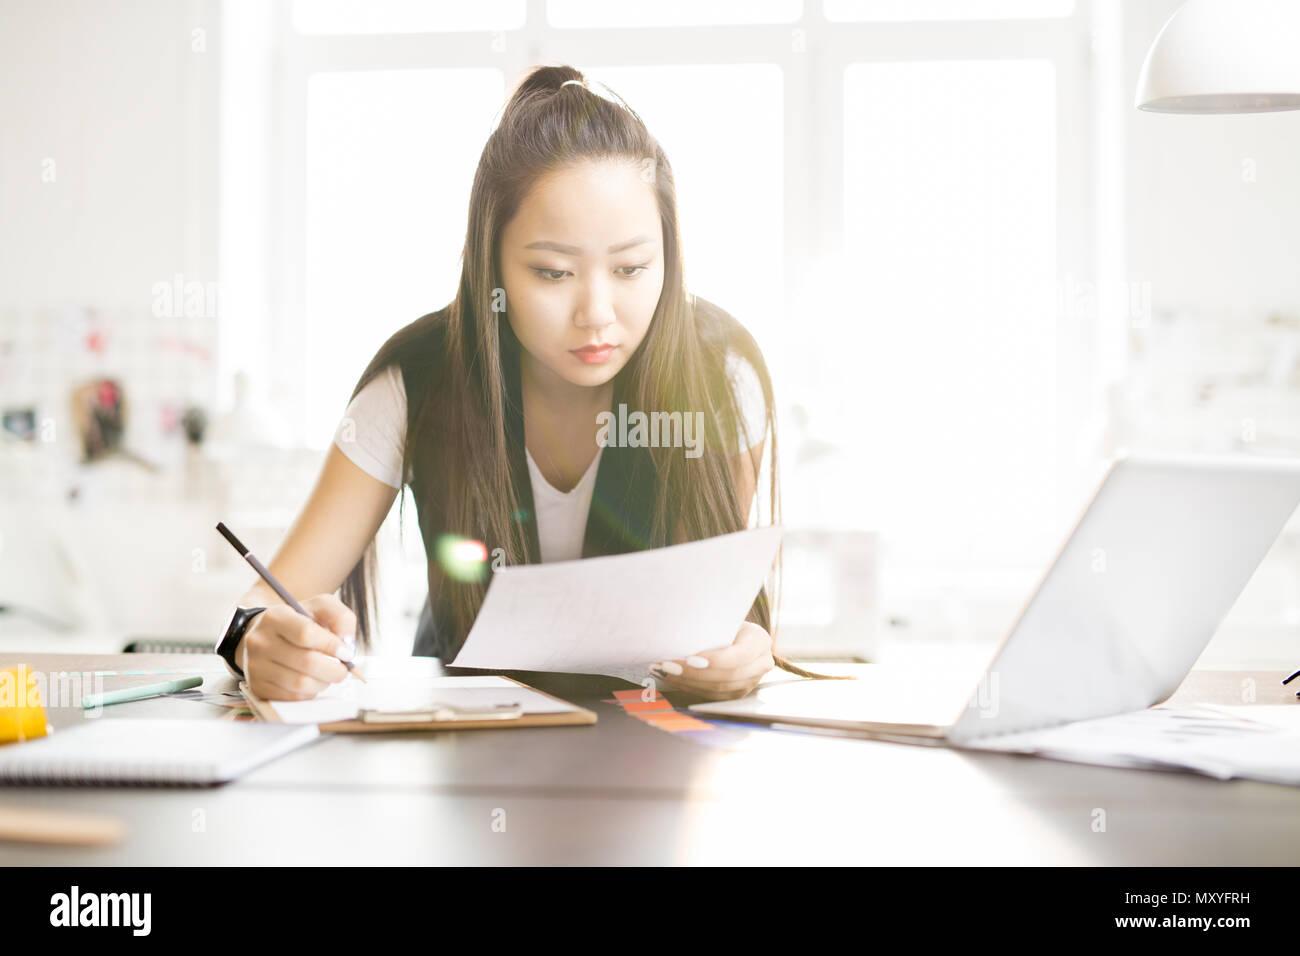 Ritratto di focused creative donna asiatica disegno schizzi per stando in piedi sul tavolo di lavoro nel soleggiato fashion design atelier, lens flare Foto Stock